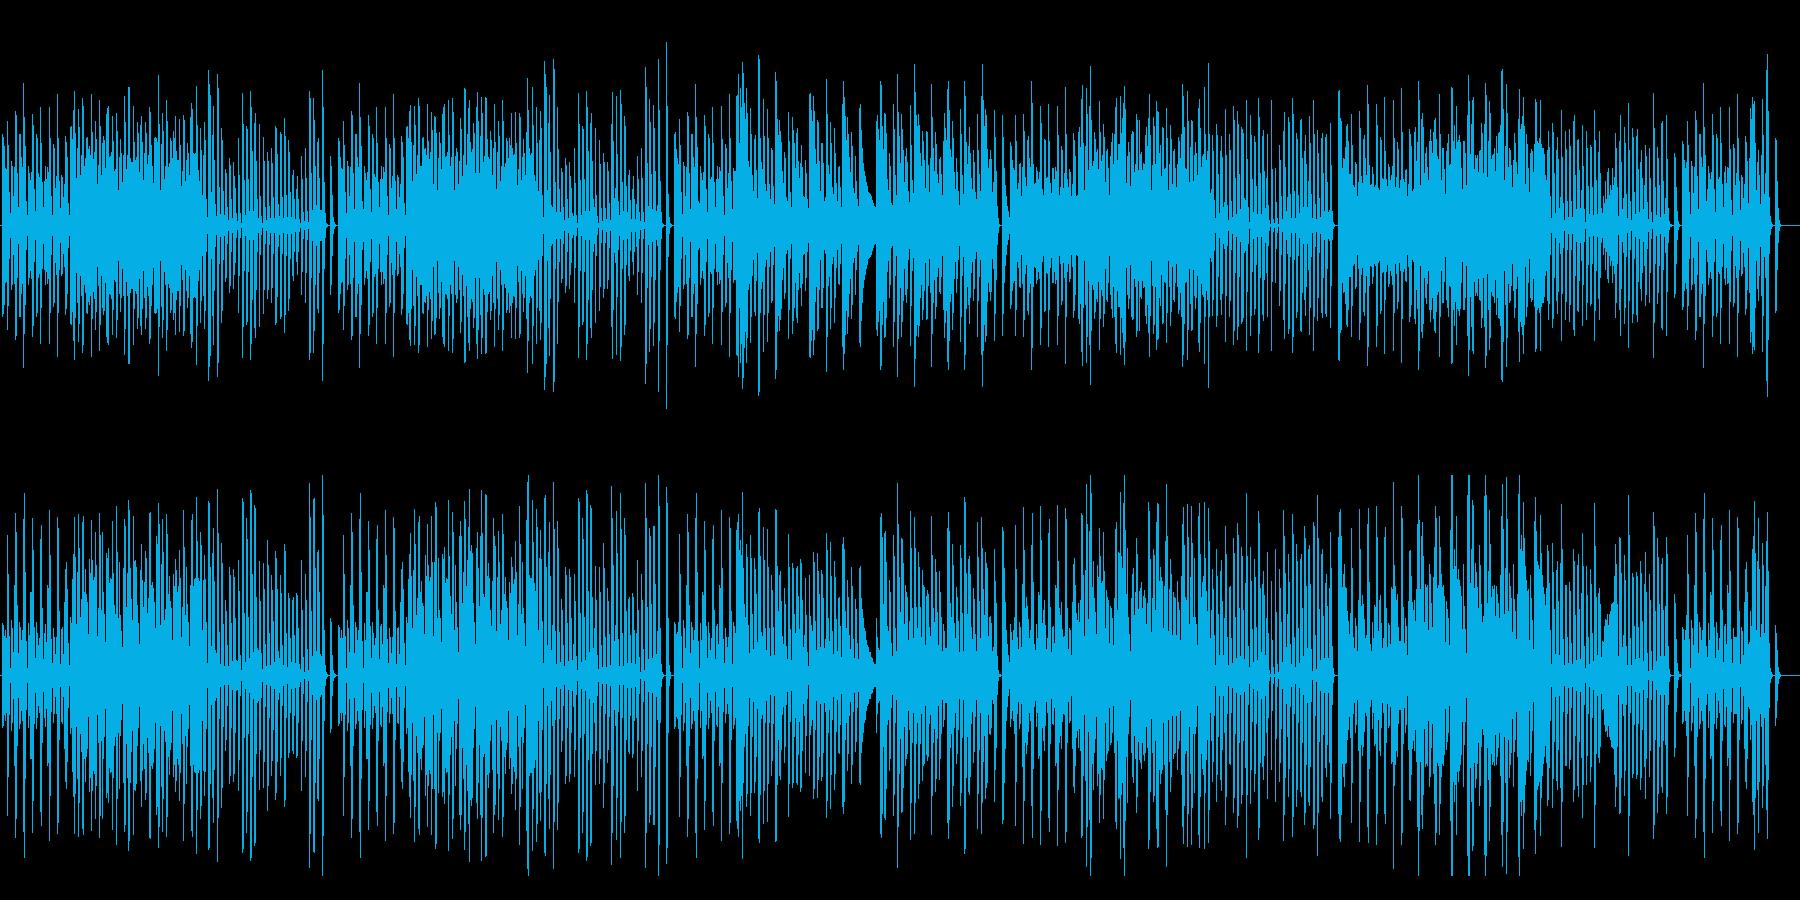 軽快でかわいいシンプルなピアノ曲の再生済みの波形